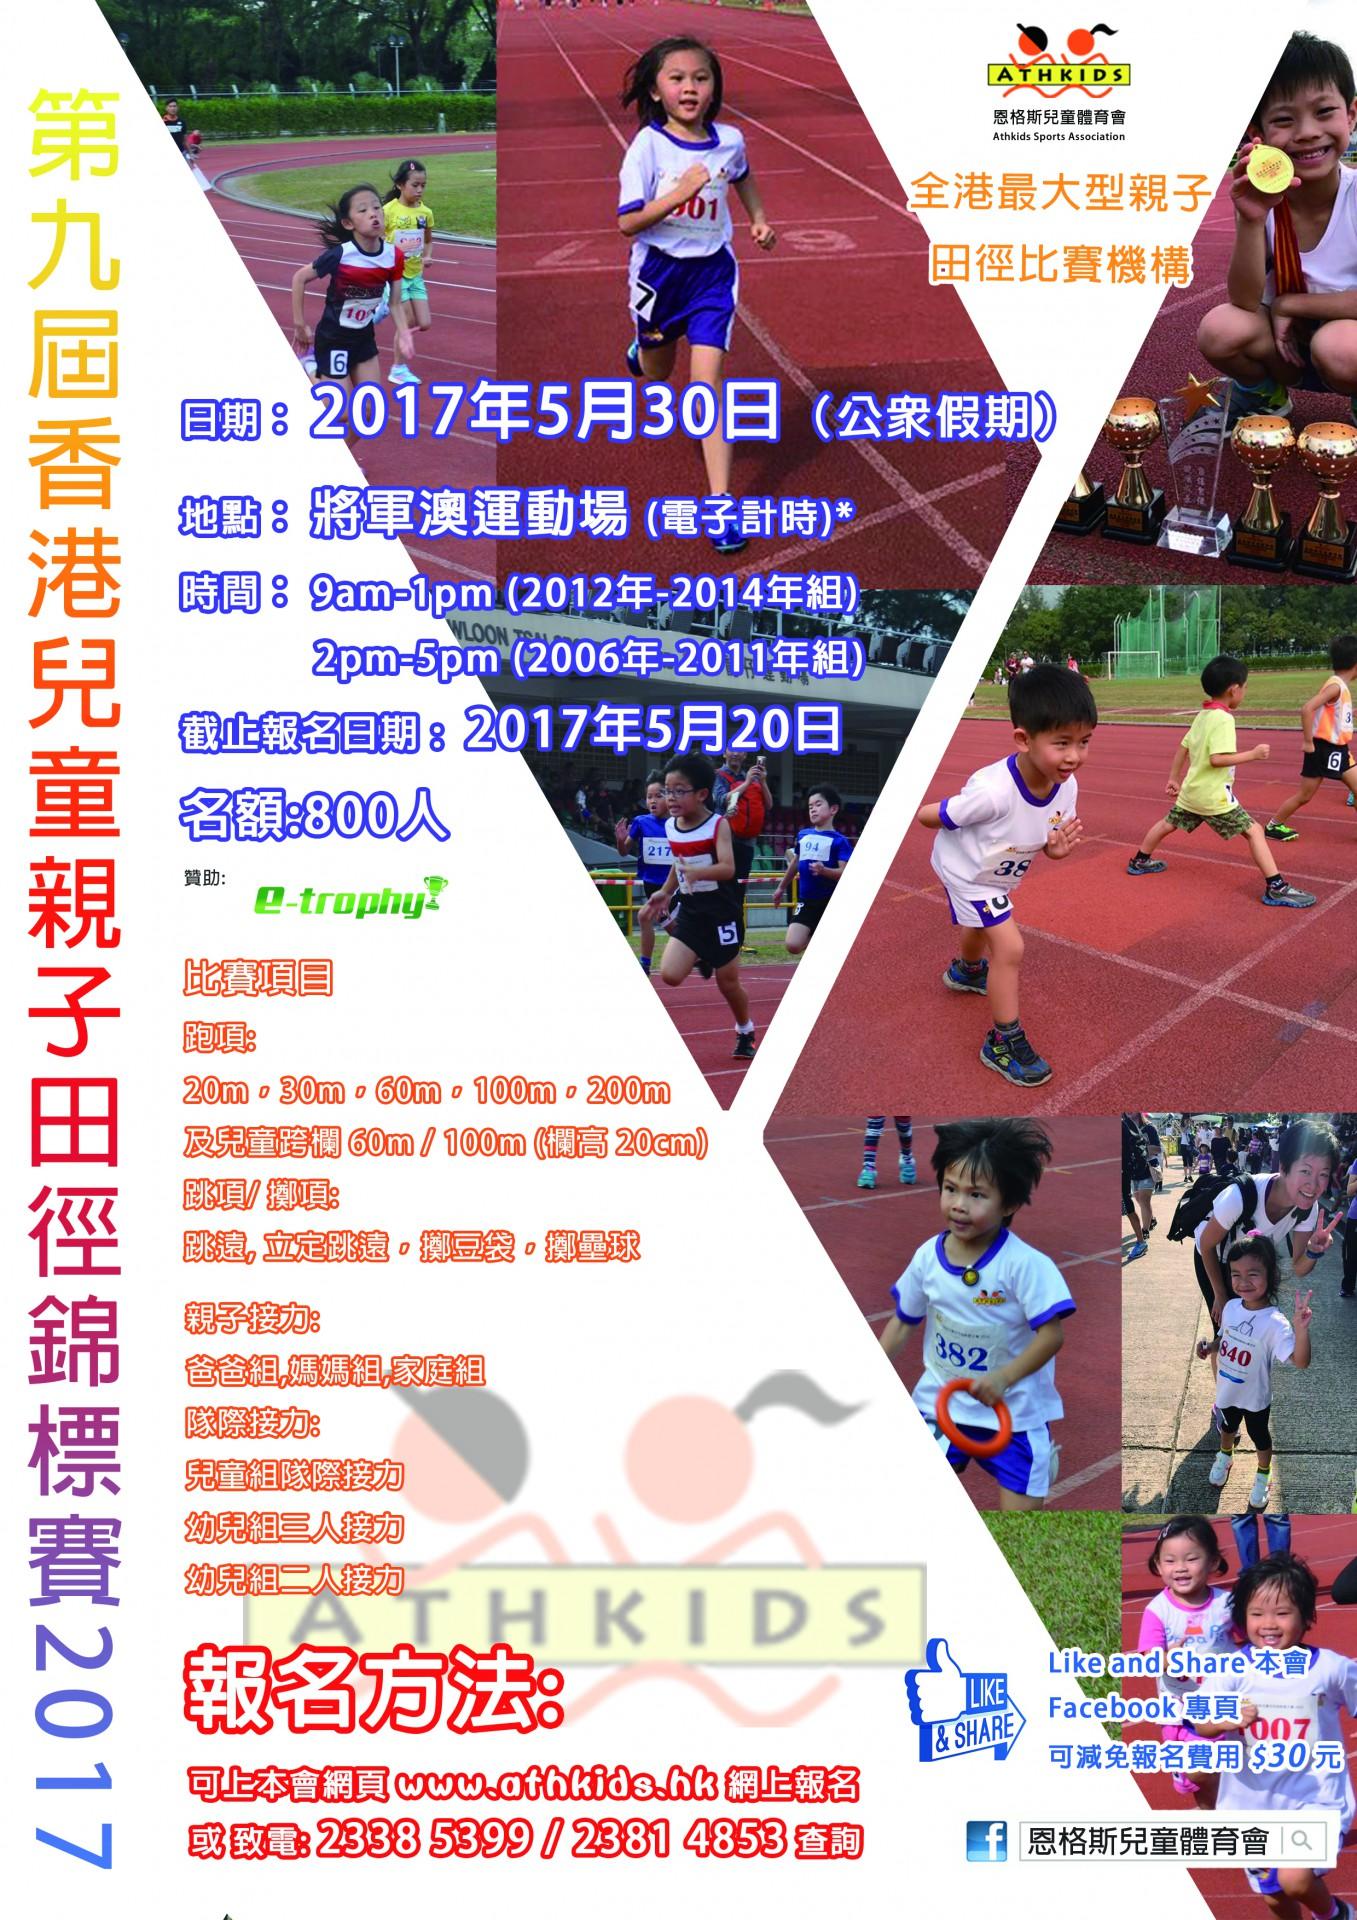 第九屆香港兒童親子田徑錦標賽2017